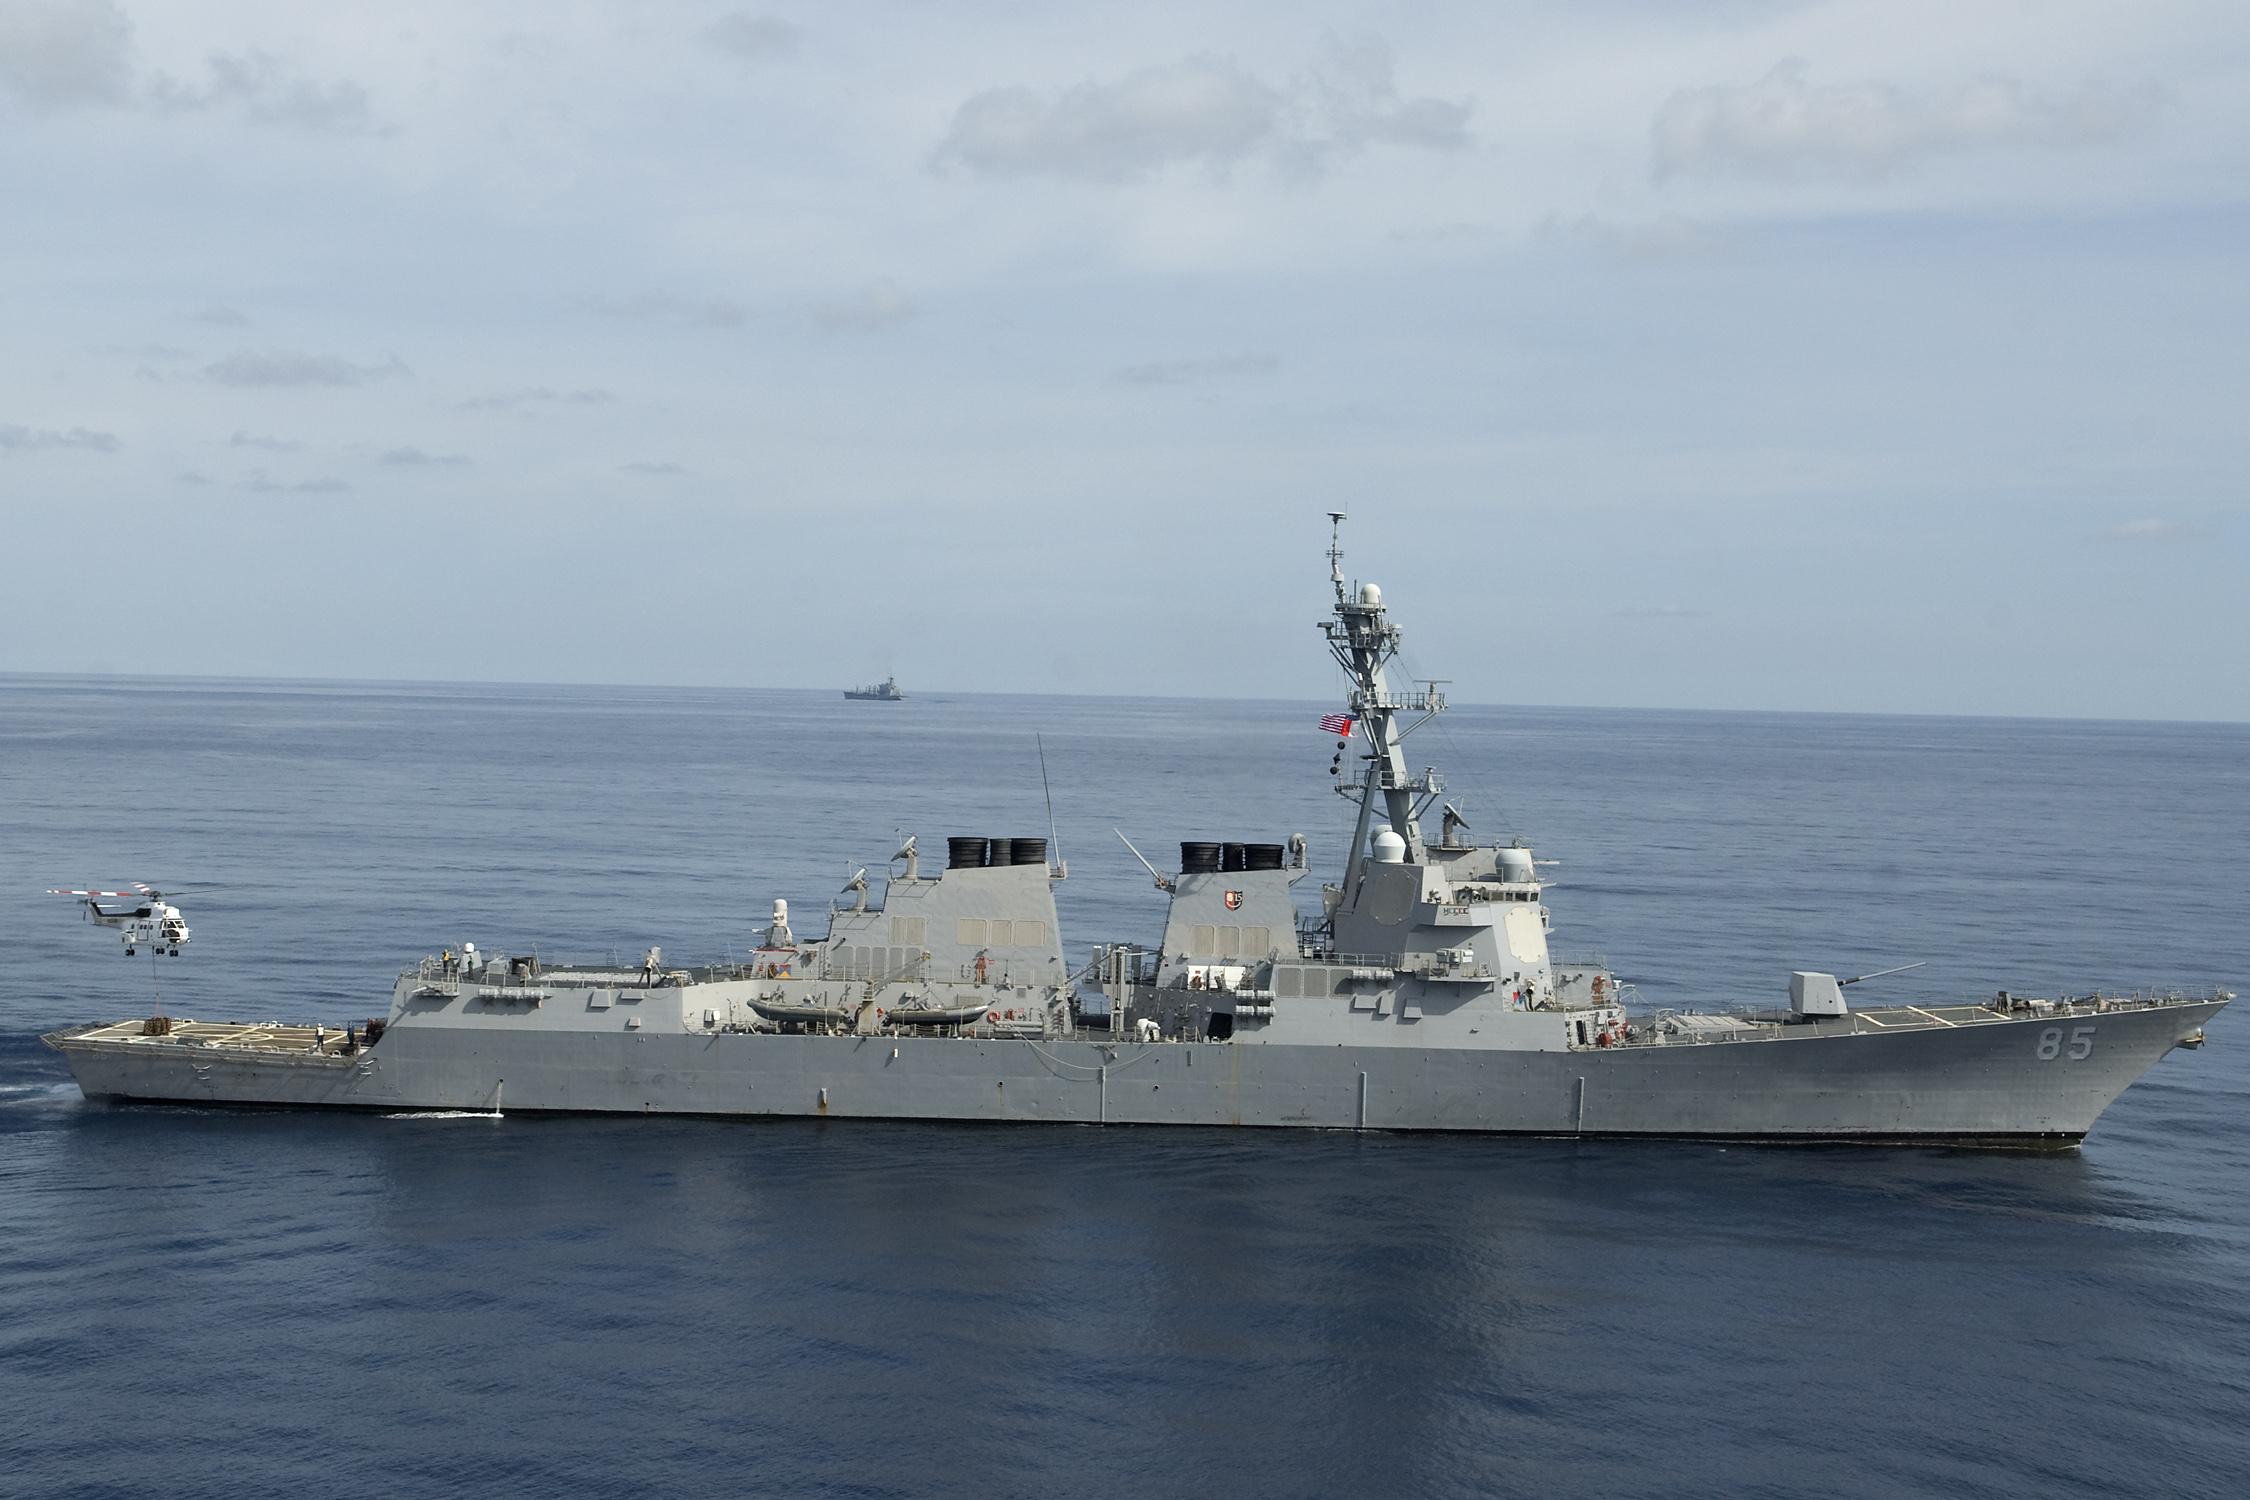 美舰敏感时刻闯中国领海 中方海空兵力警告驱离